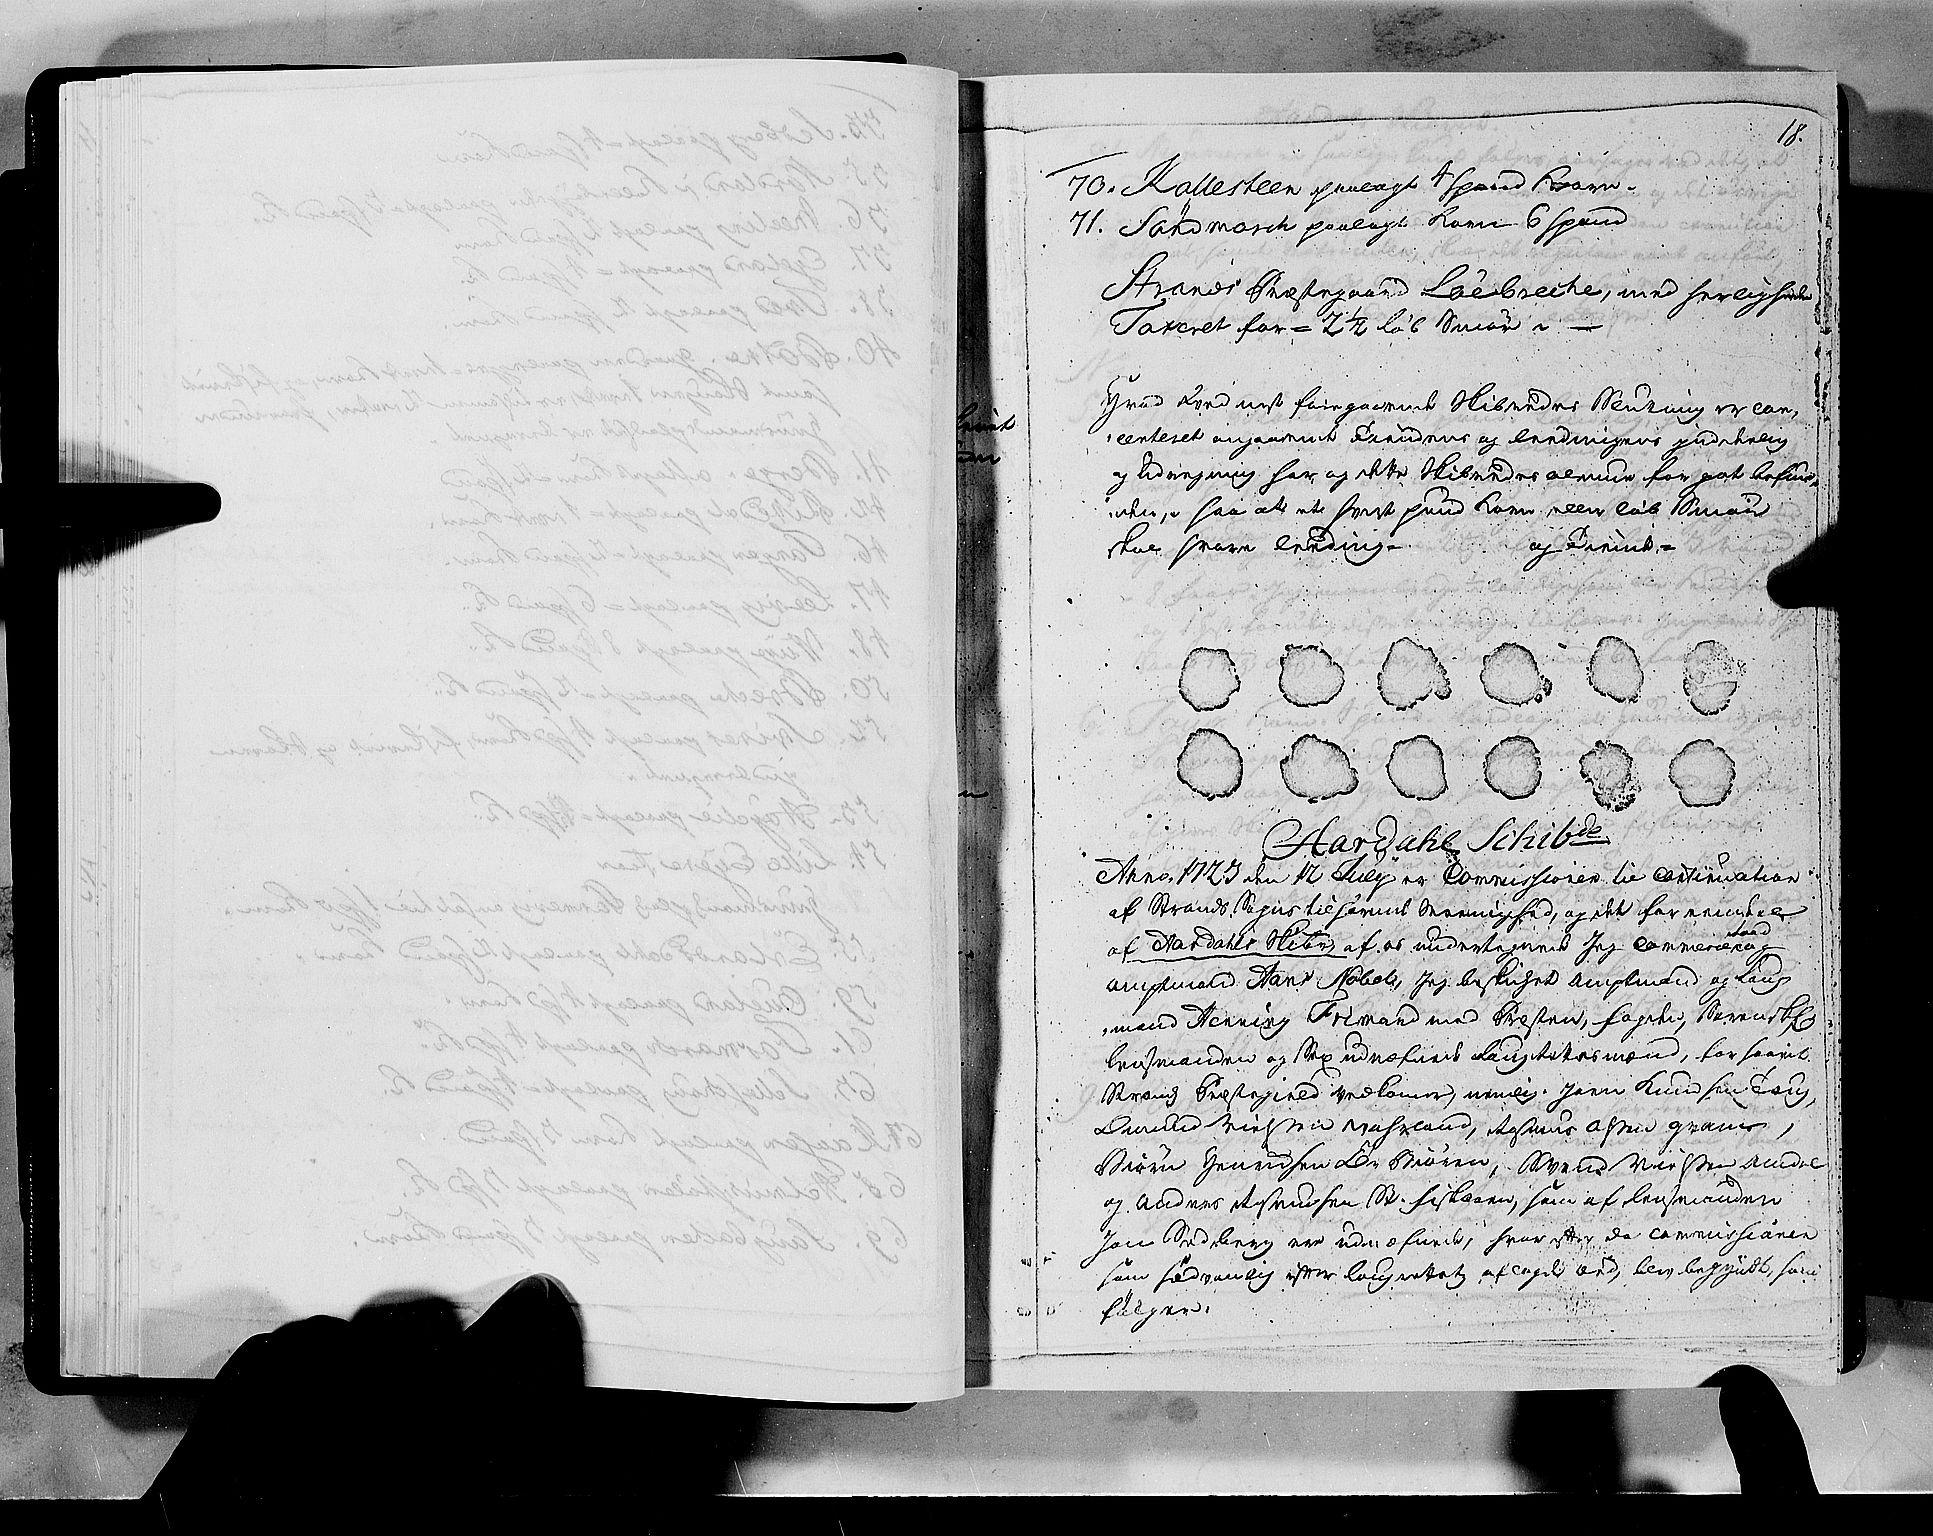 RA, Rentekammeret inntil 1814, Realistisk ordnet avdeling, N/Nb/Nbf/L0133a: Ryfylke eksaminasjonsprotokoll, 1723, s. 18a